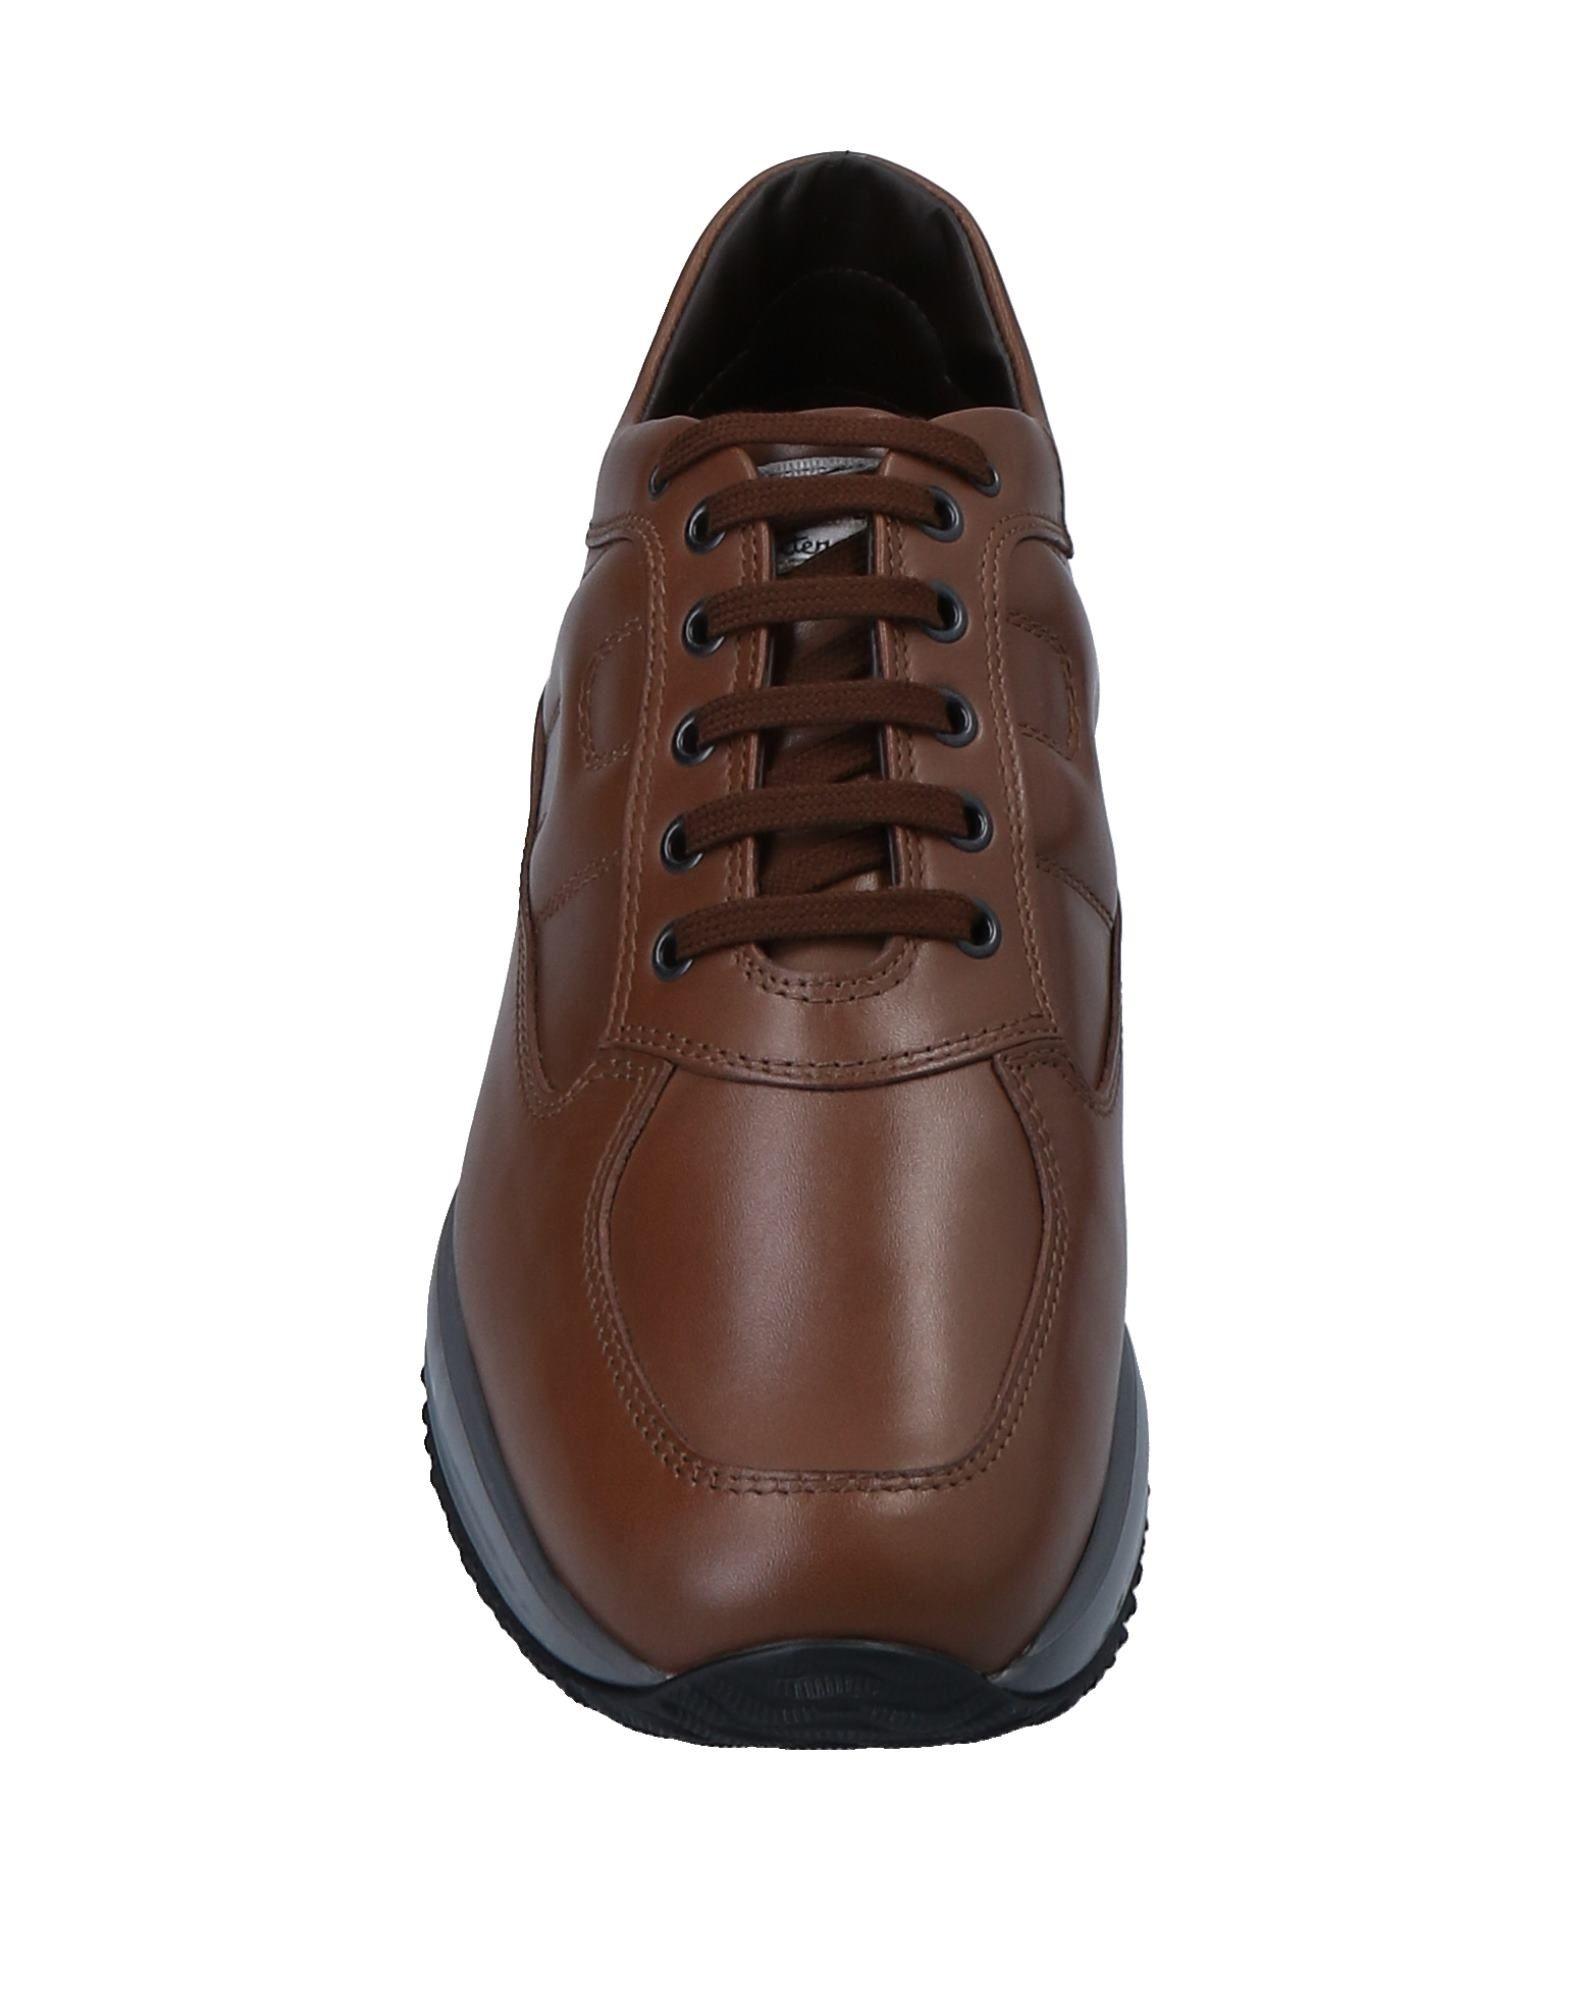 Hogan 11559571LU Sneakers Herren  11559571LU Hogan Gute Qualität beliebte Schuhe 30be5f